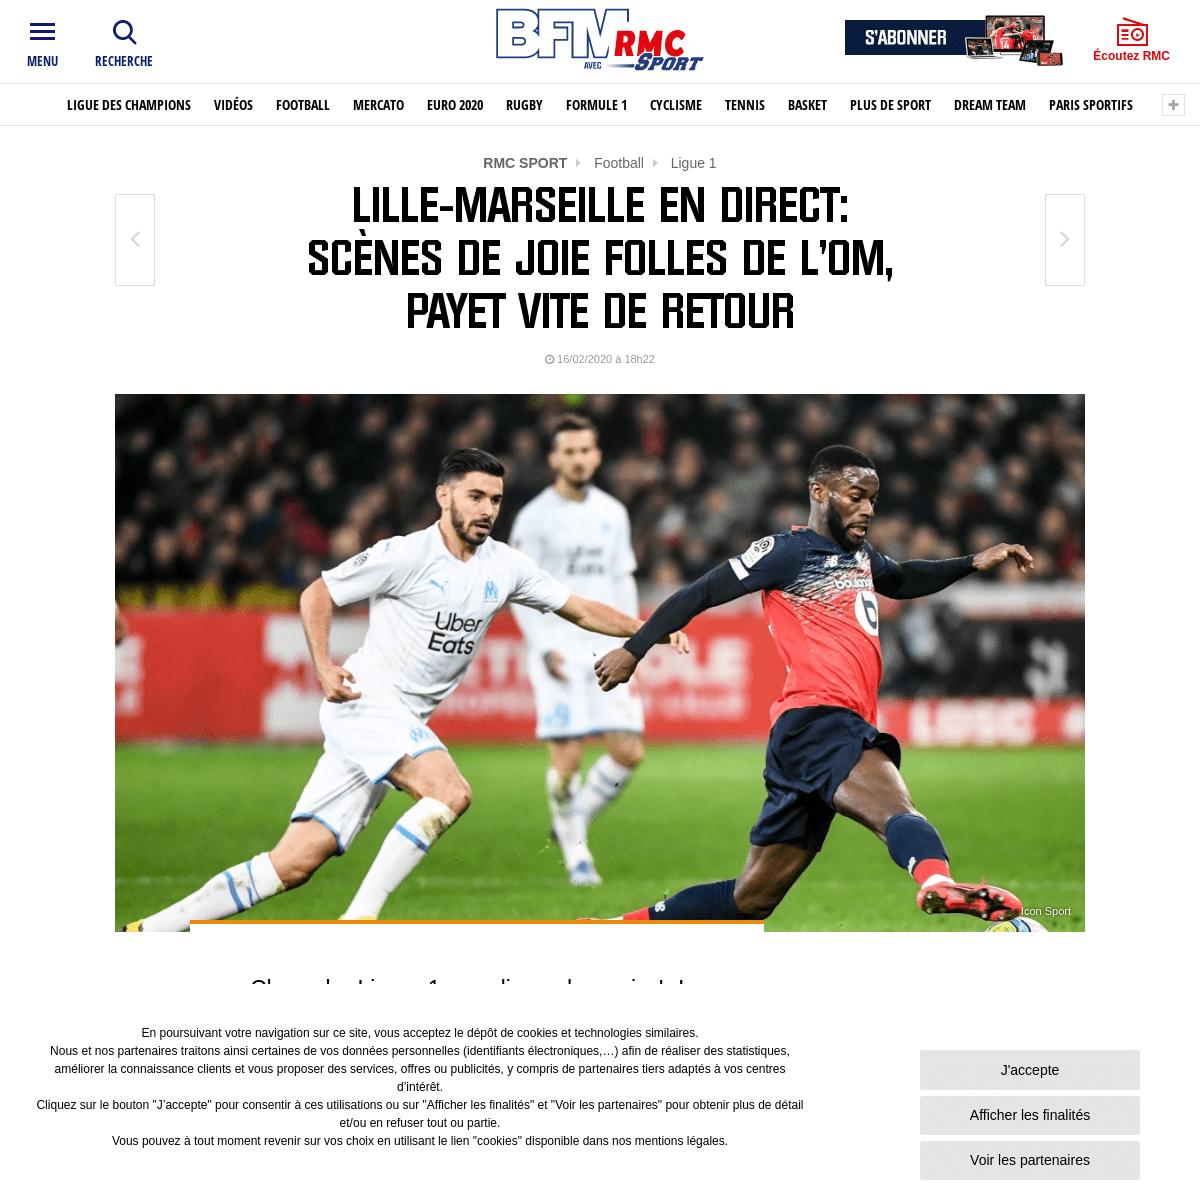 Lille-Marseille en direct- scènes de joie folles de l'OM, Payet vite de retour